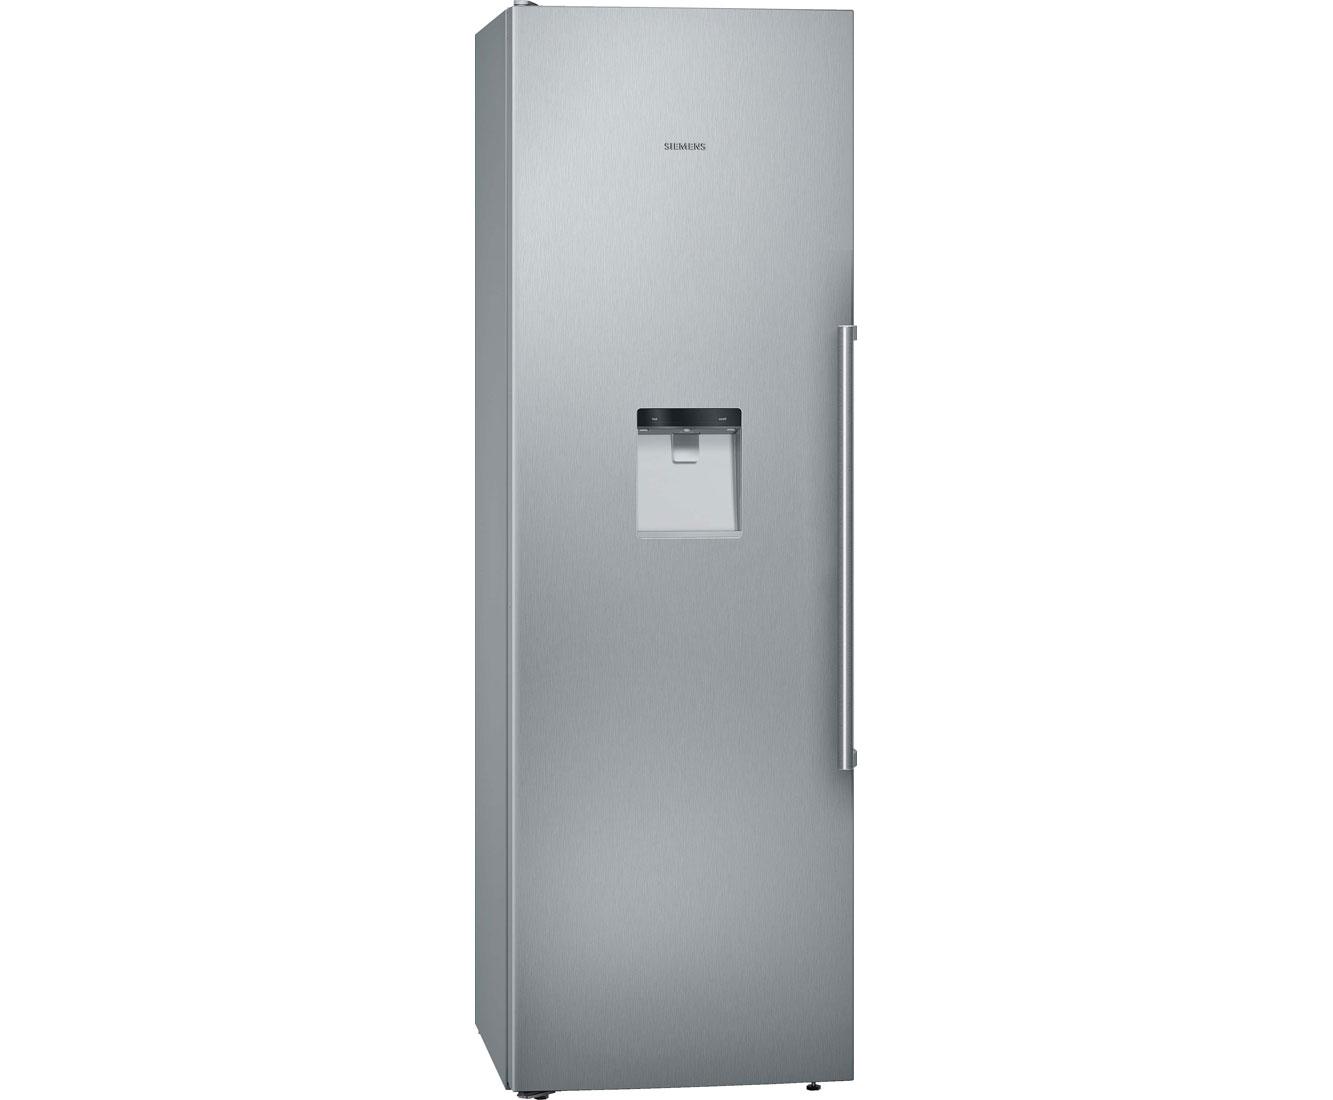 Amerikanischer Kühlschrank Tiefe 60 Cm : Edelstahl kühlschrank preisvergleich u die besten angebote online